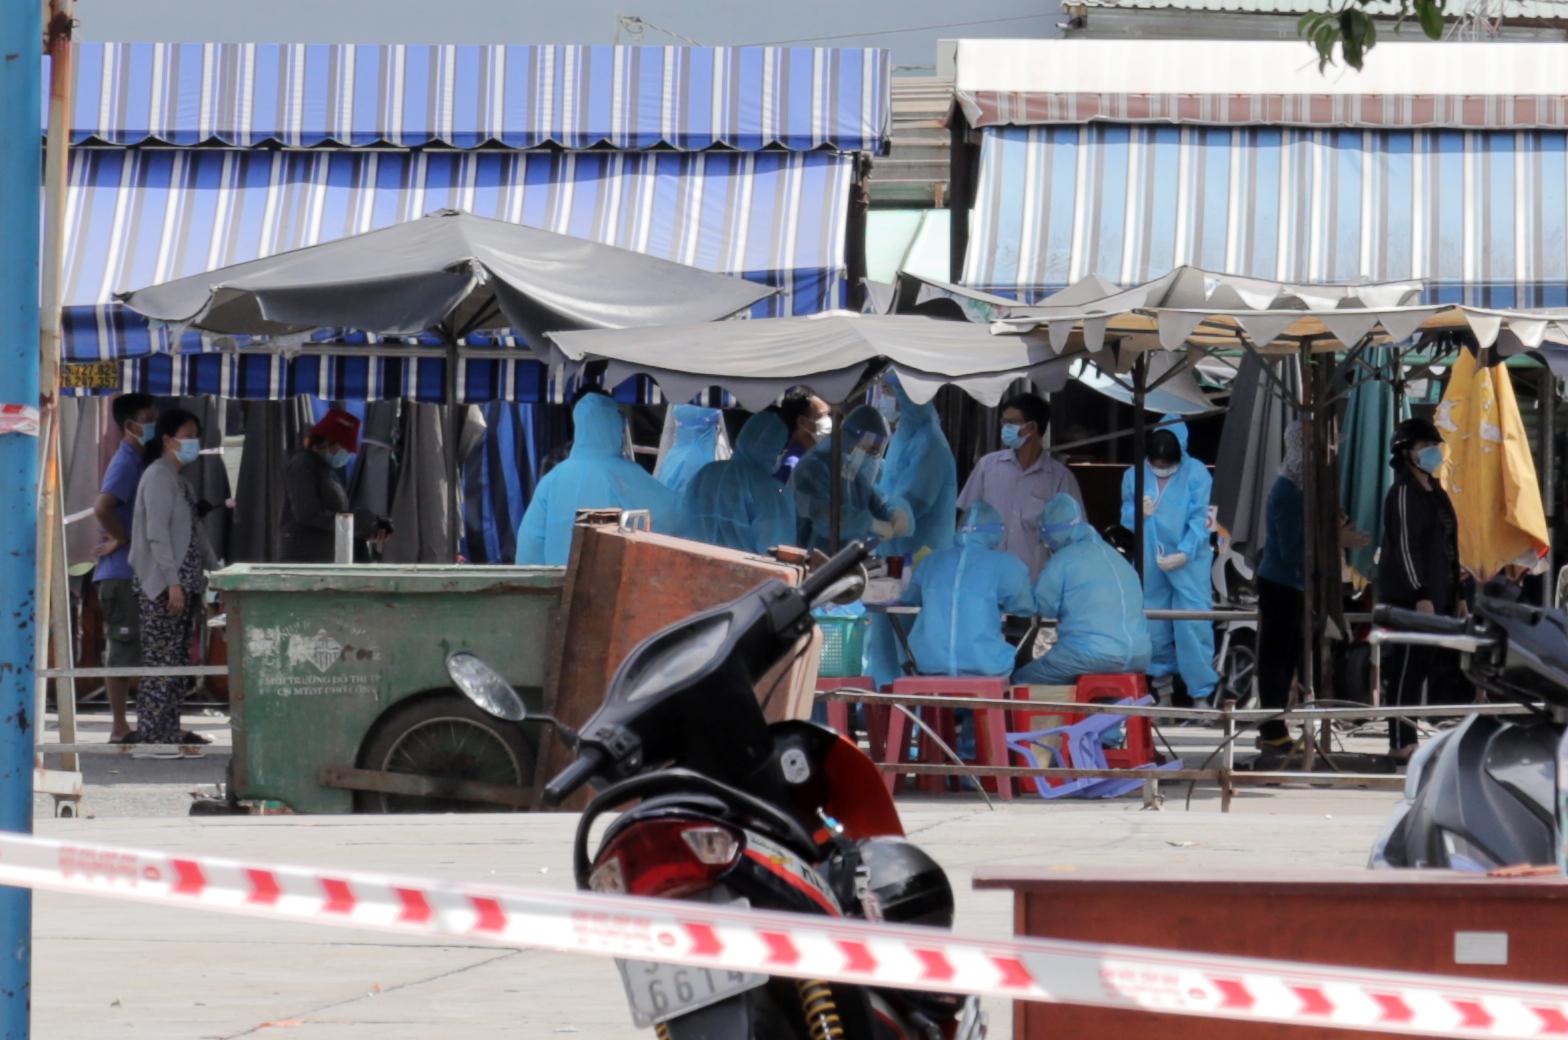 Ảnh: Phong tỏa mọi ngóc ngách, xét nghiệm hàng trăm người tại chợ ở Tân Phú vì dịch COVID-19 phức tạp - 8